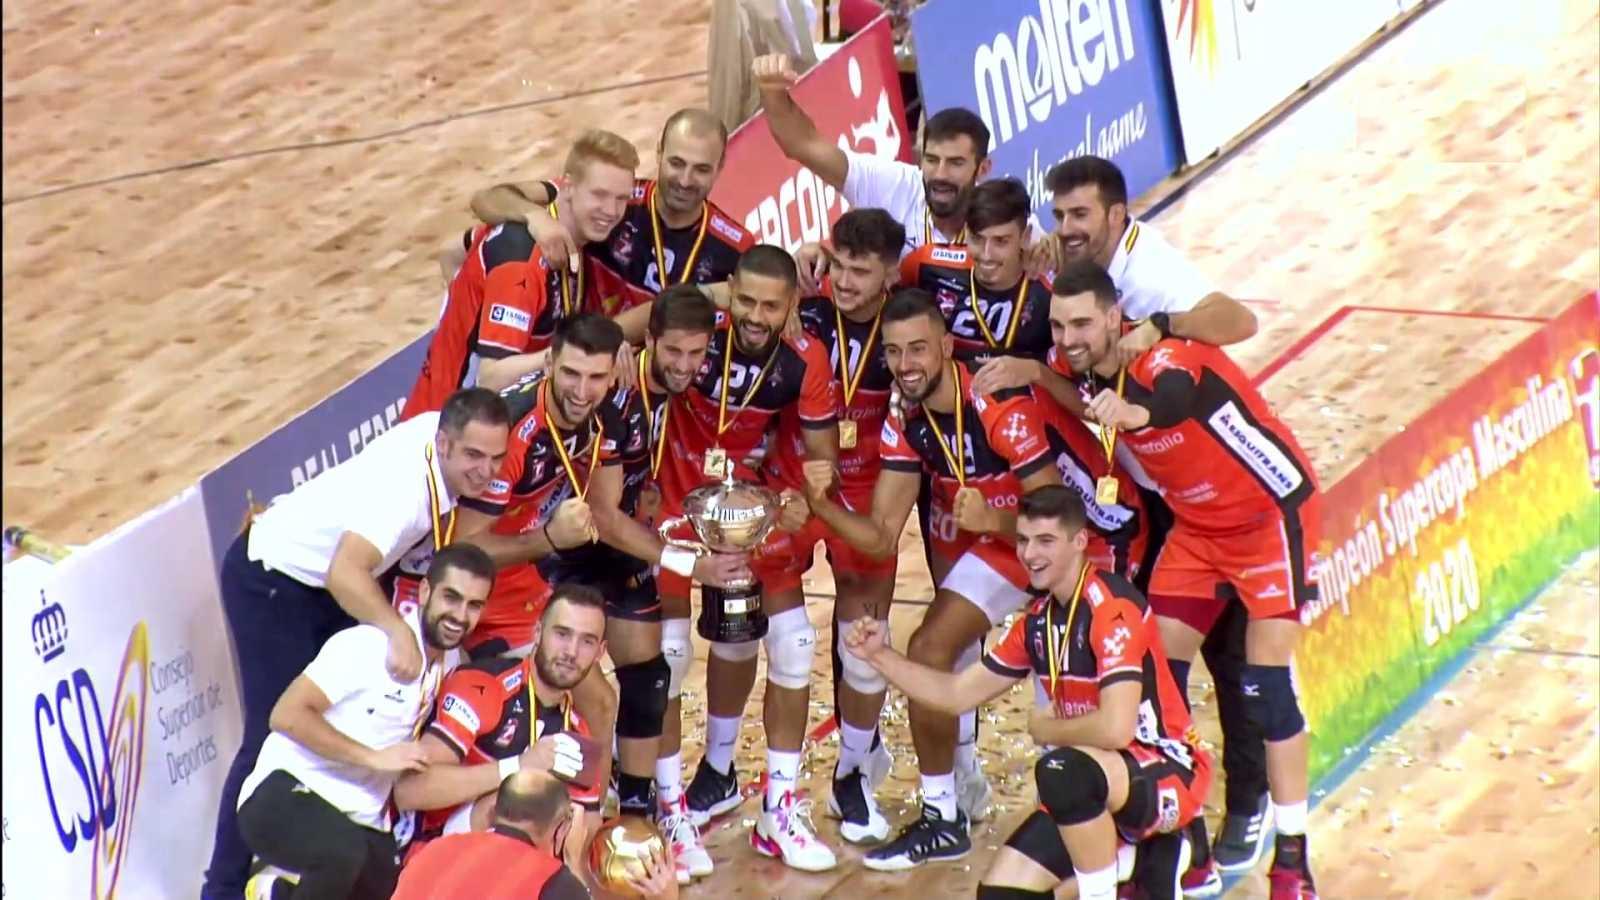 Voleibol - Actualidad Superliga masculina (II) - ver ahora